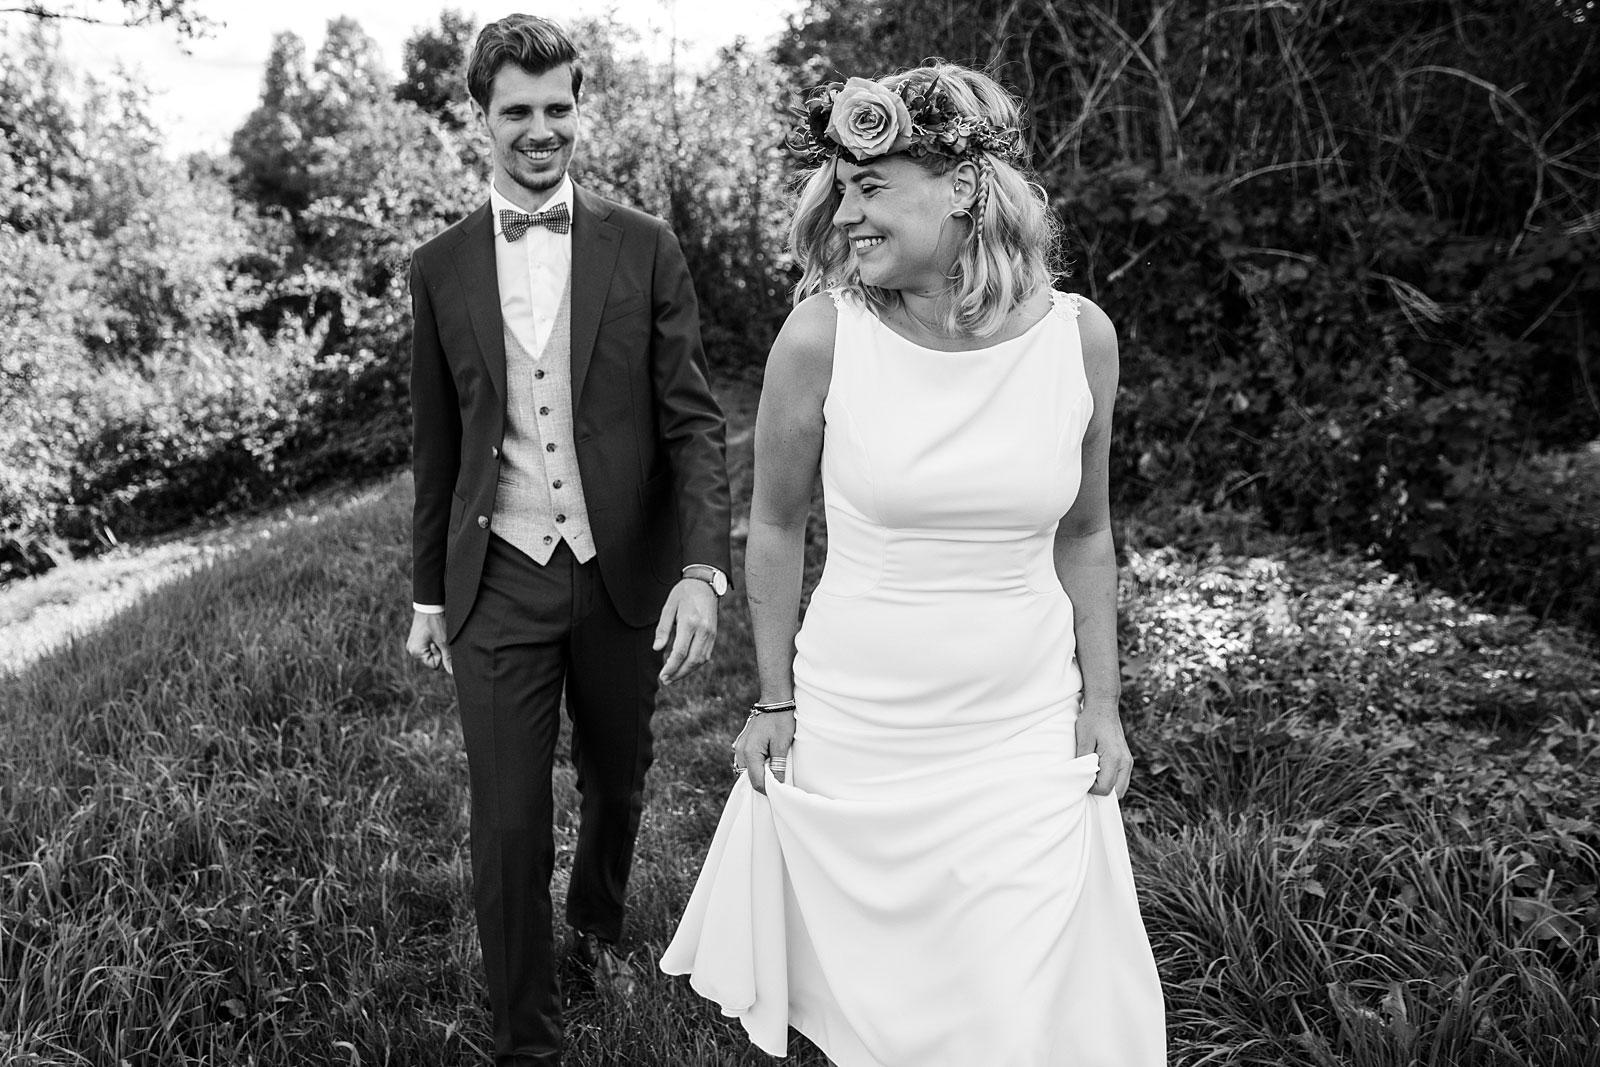 19-fotoshoot-bruidspaar-abcoude